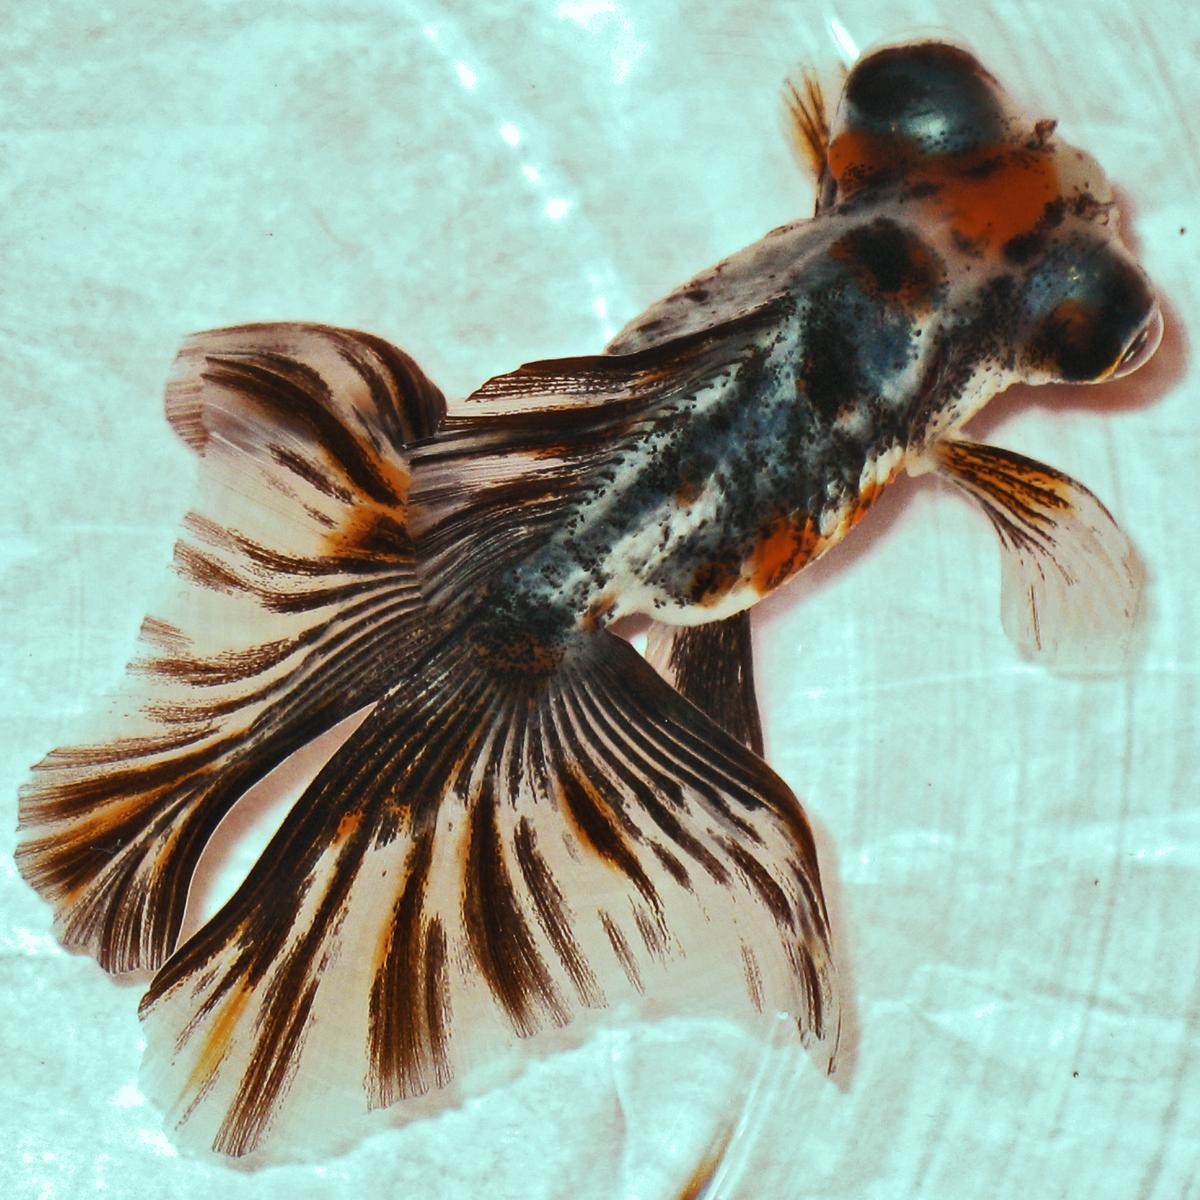 Ikan Yang Banyak Ditemukan Di Indonesia Bagian Barat Adalah